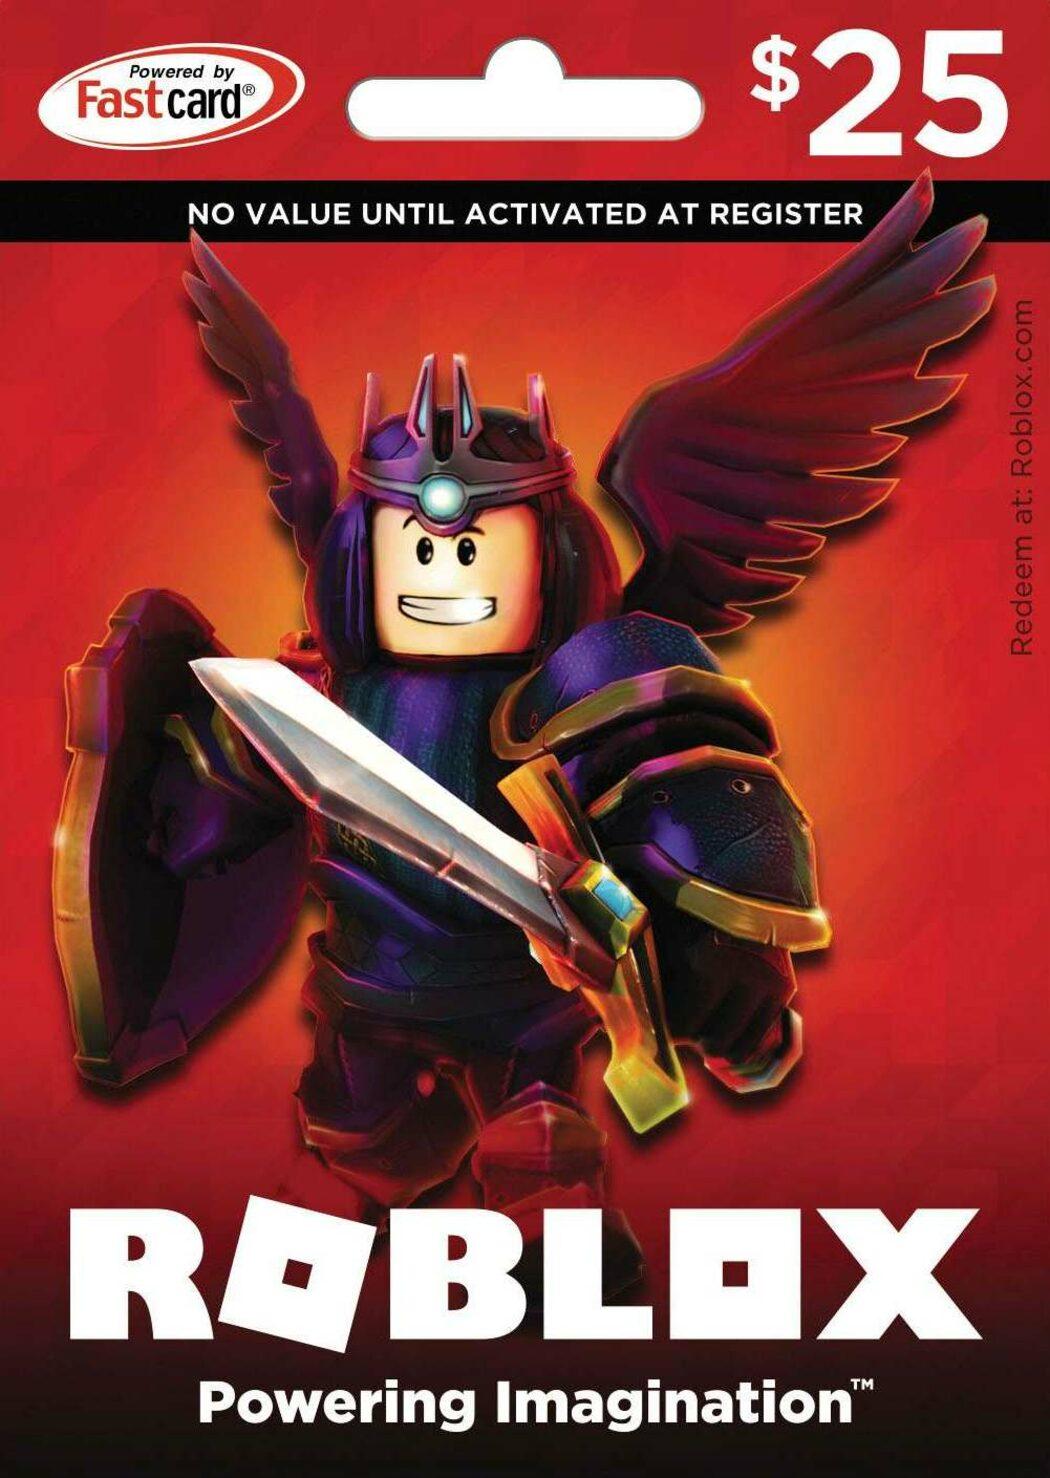 Roblox Robux Kaufen. Card 7 USD günstigeren Preis! ENEBA